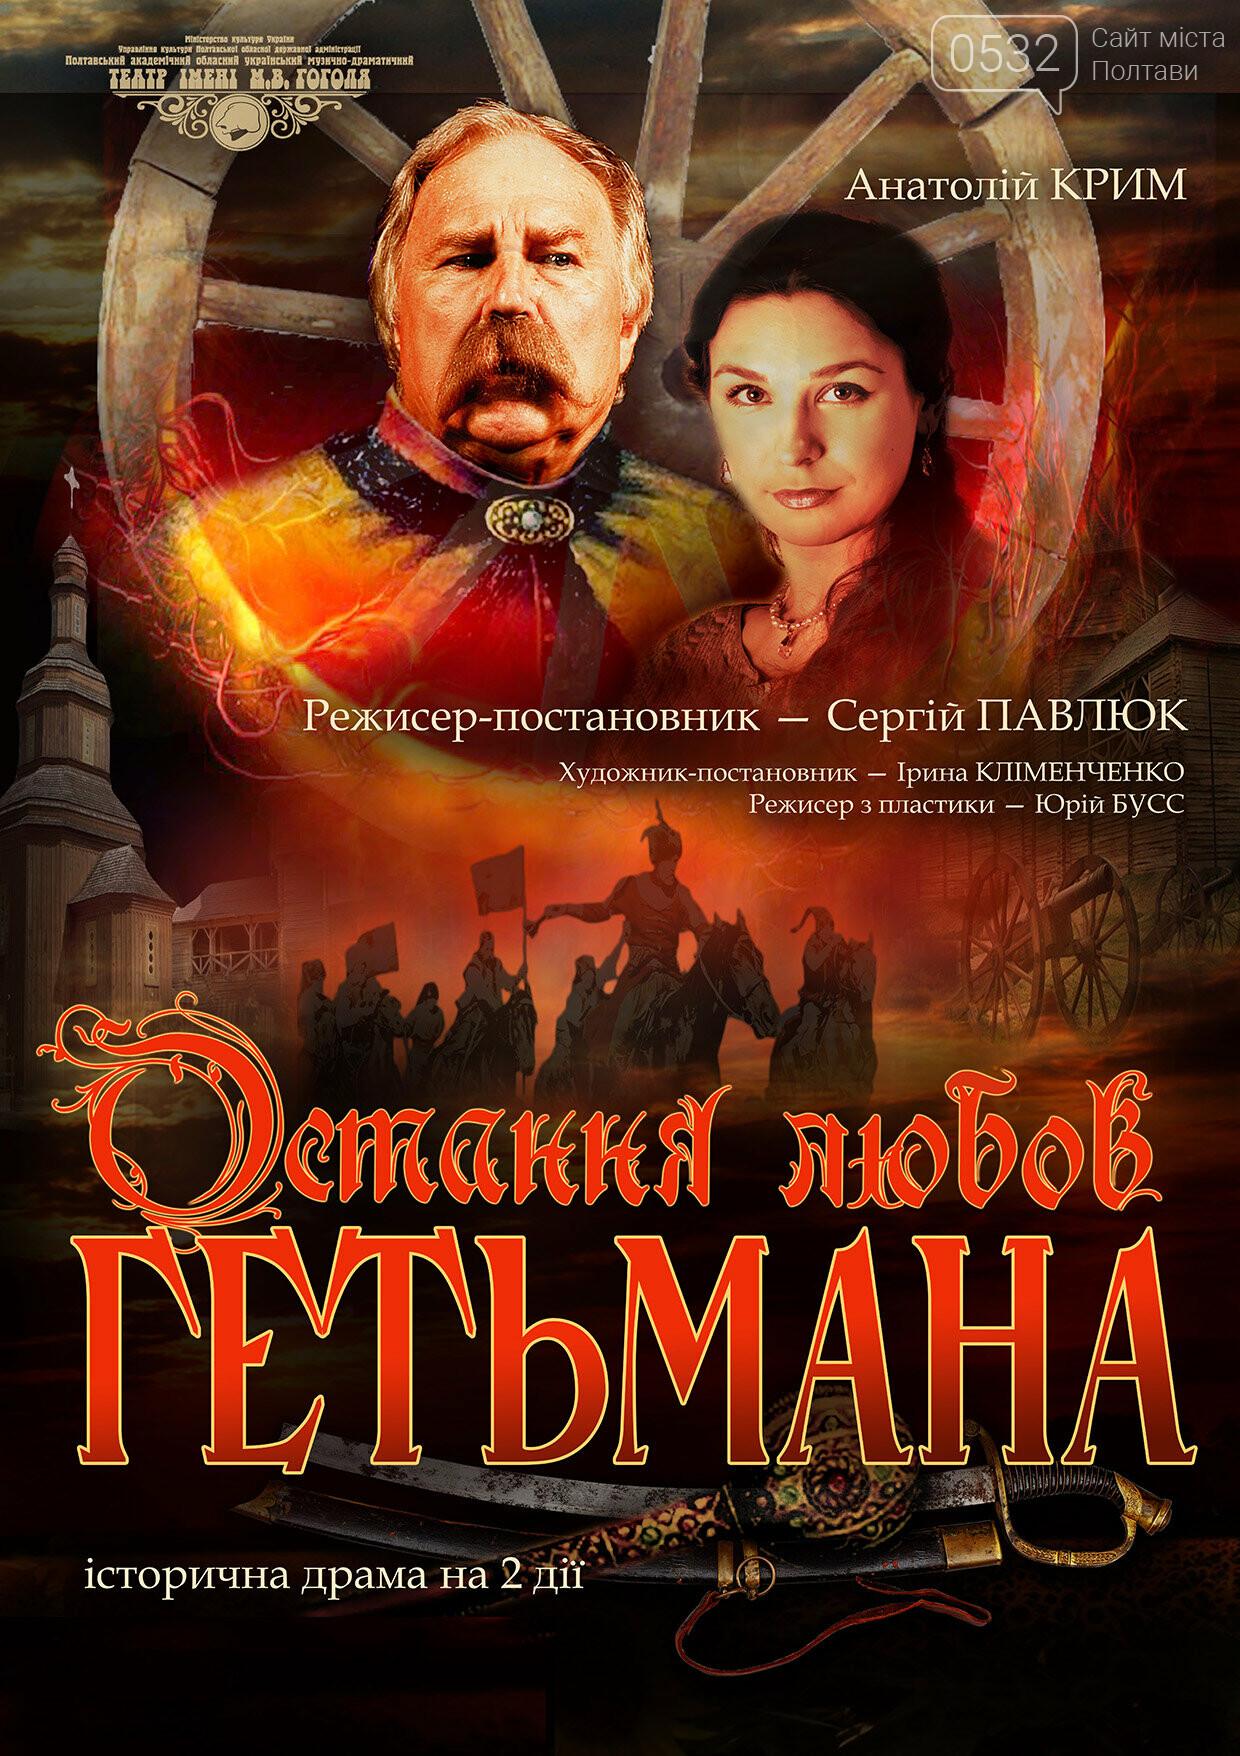 Полтавська театральна афіша лютого: для дорослих і дітей, фото-10